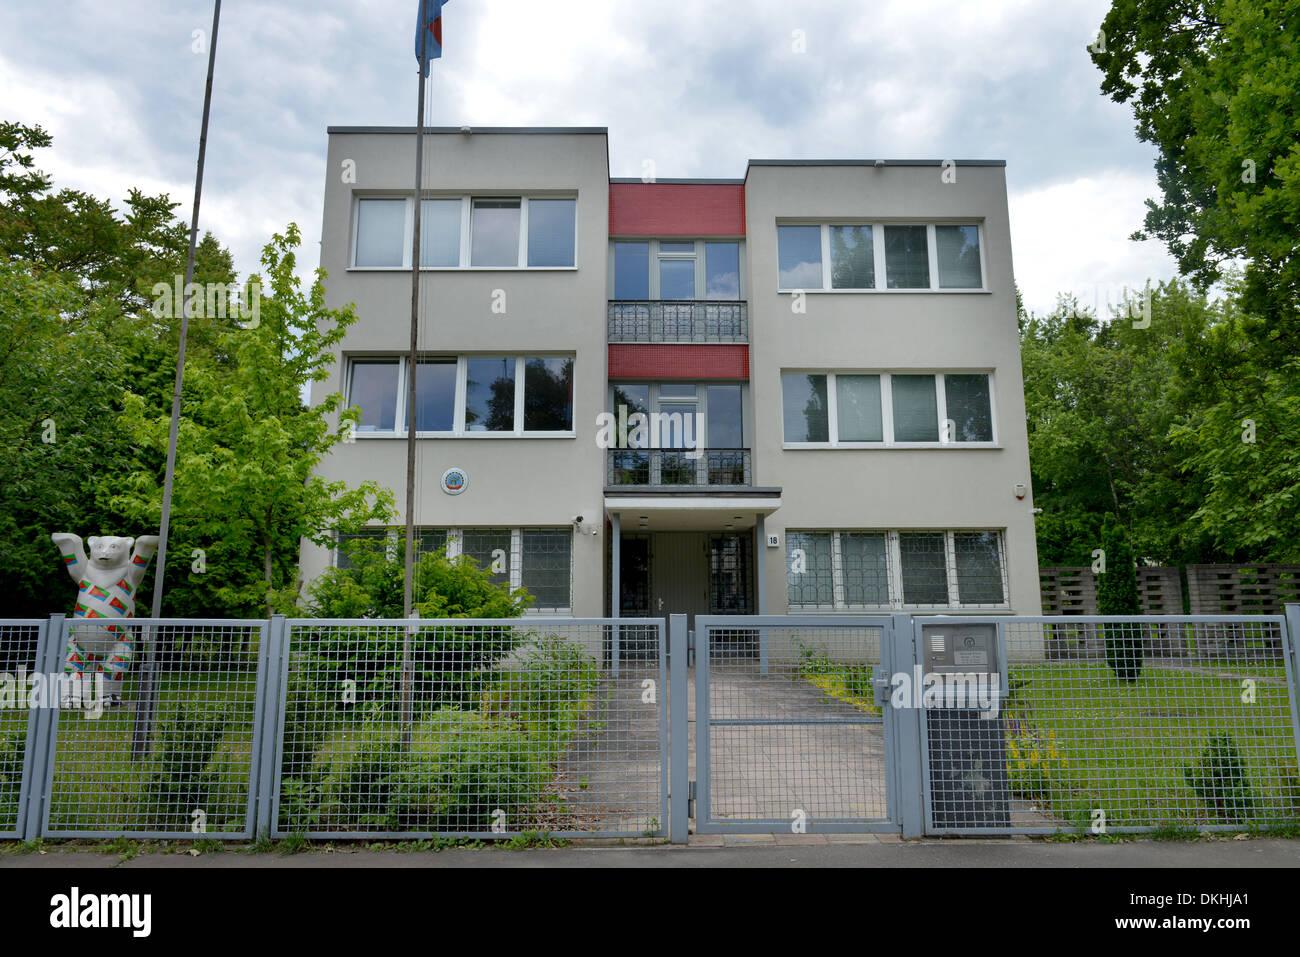 Botschaft Eritrea, Stavangerstrasse, Pankow, Berlin, Deutschland - Stock Image